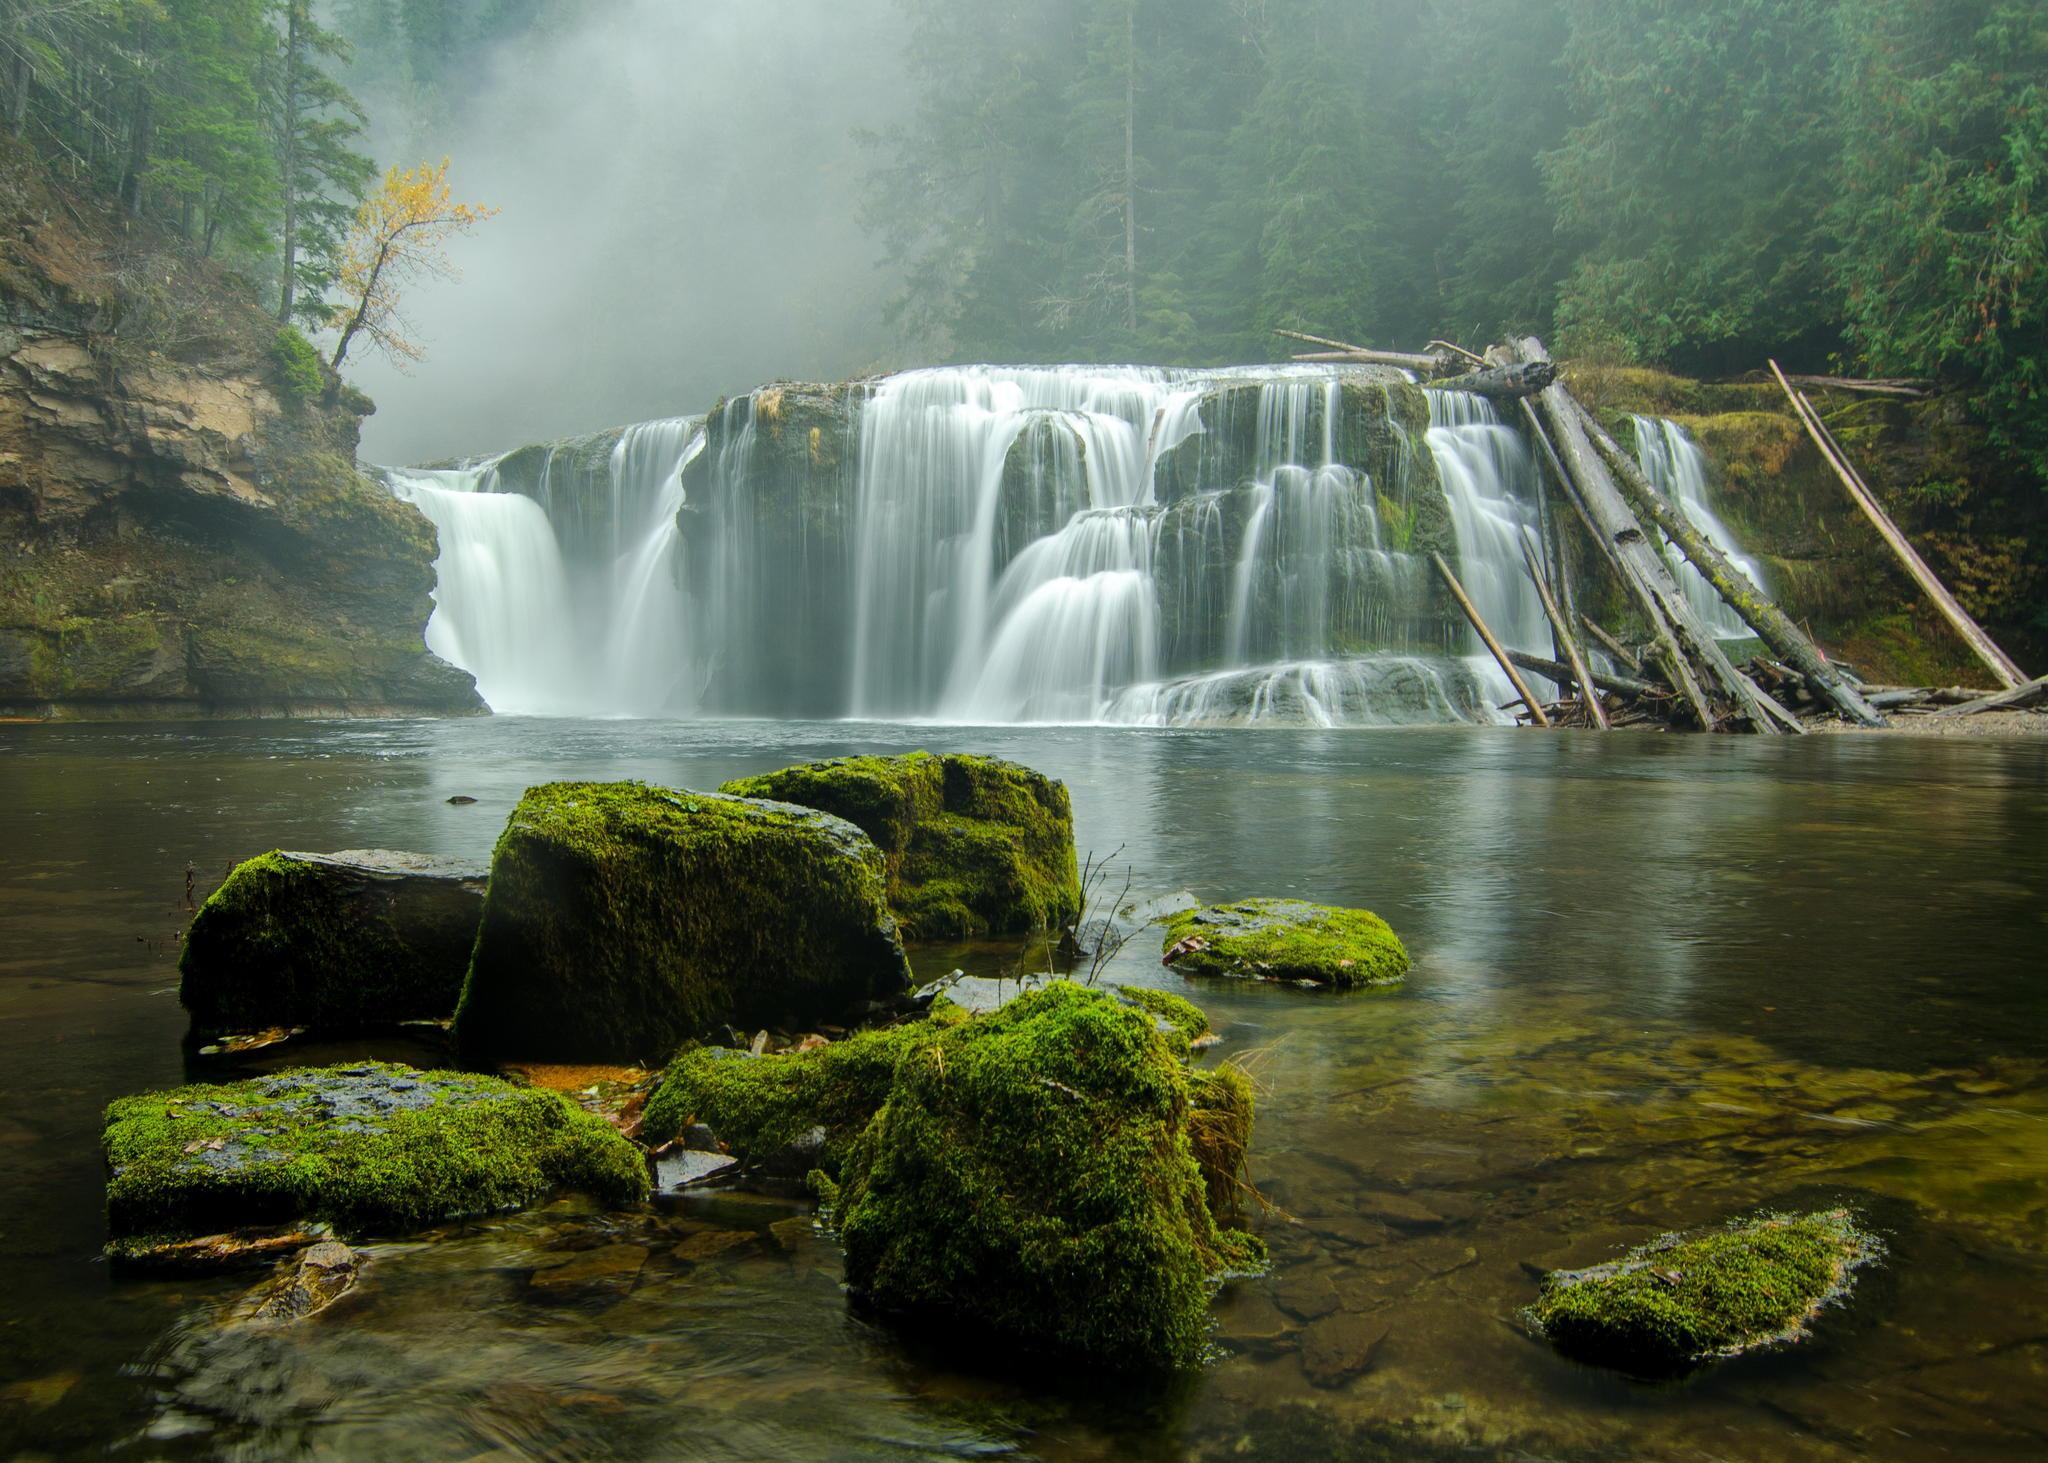 кулинарный водопад картинки в высоком качестве уокер американская